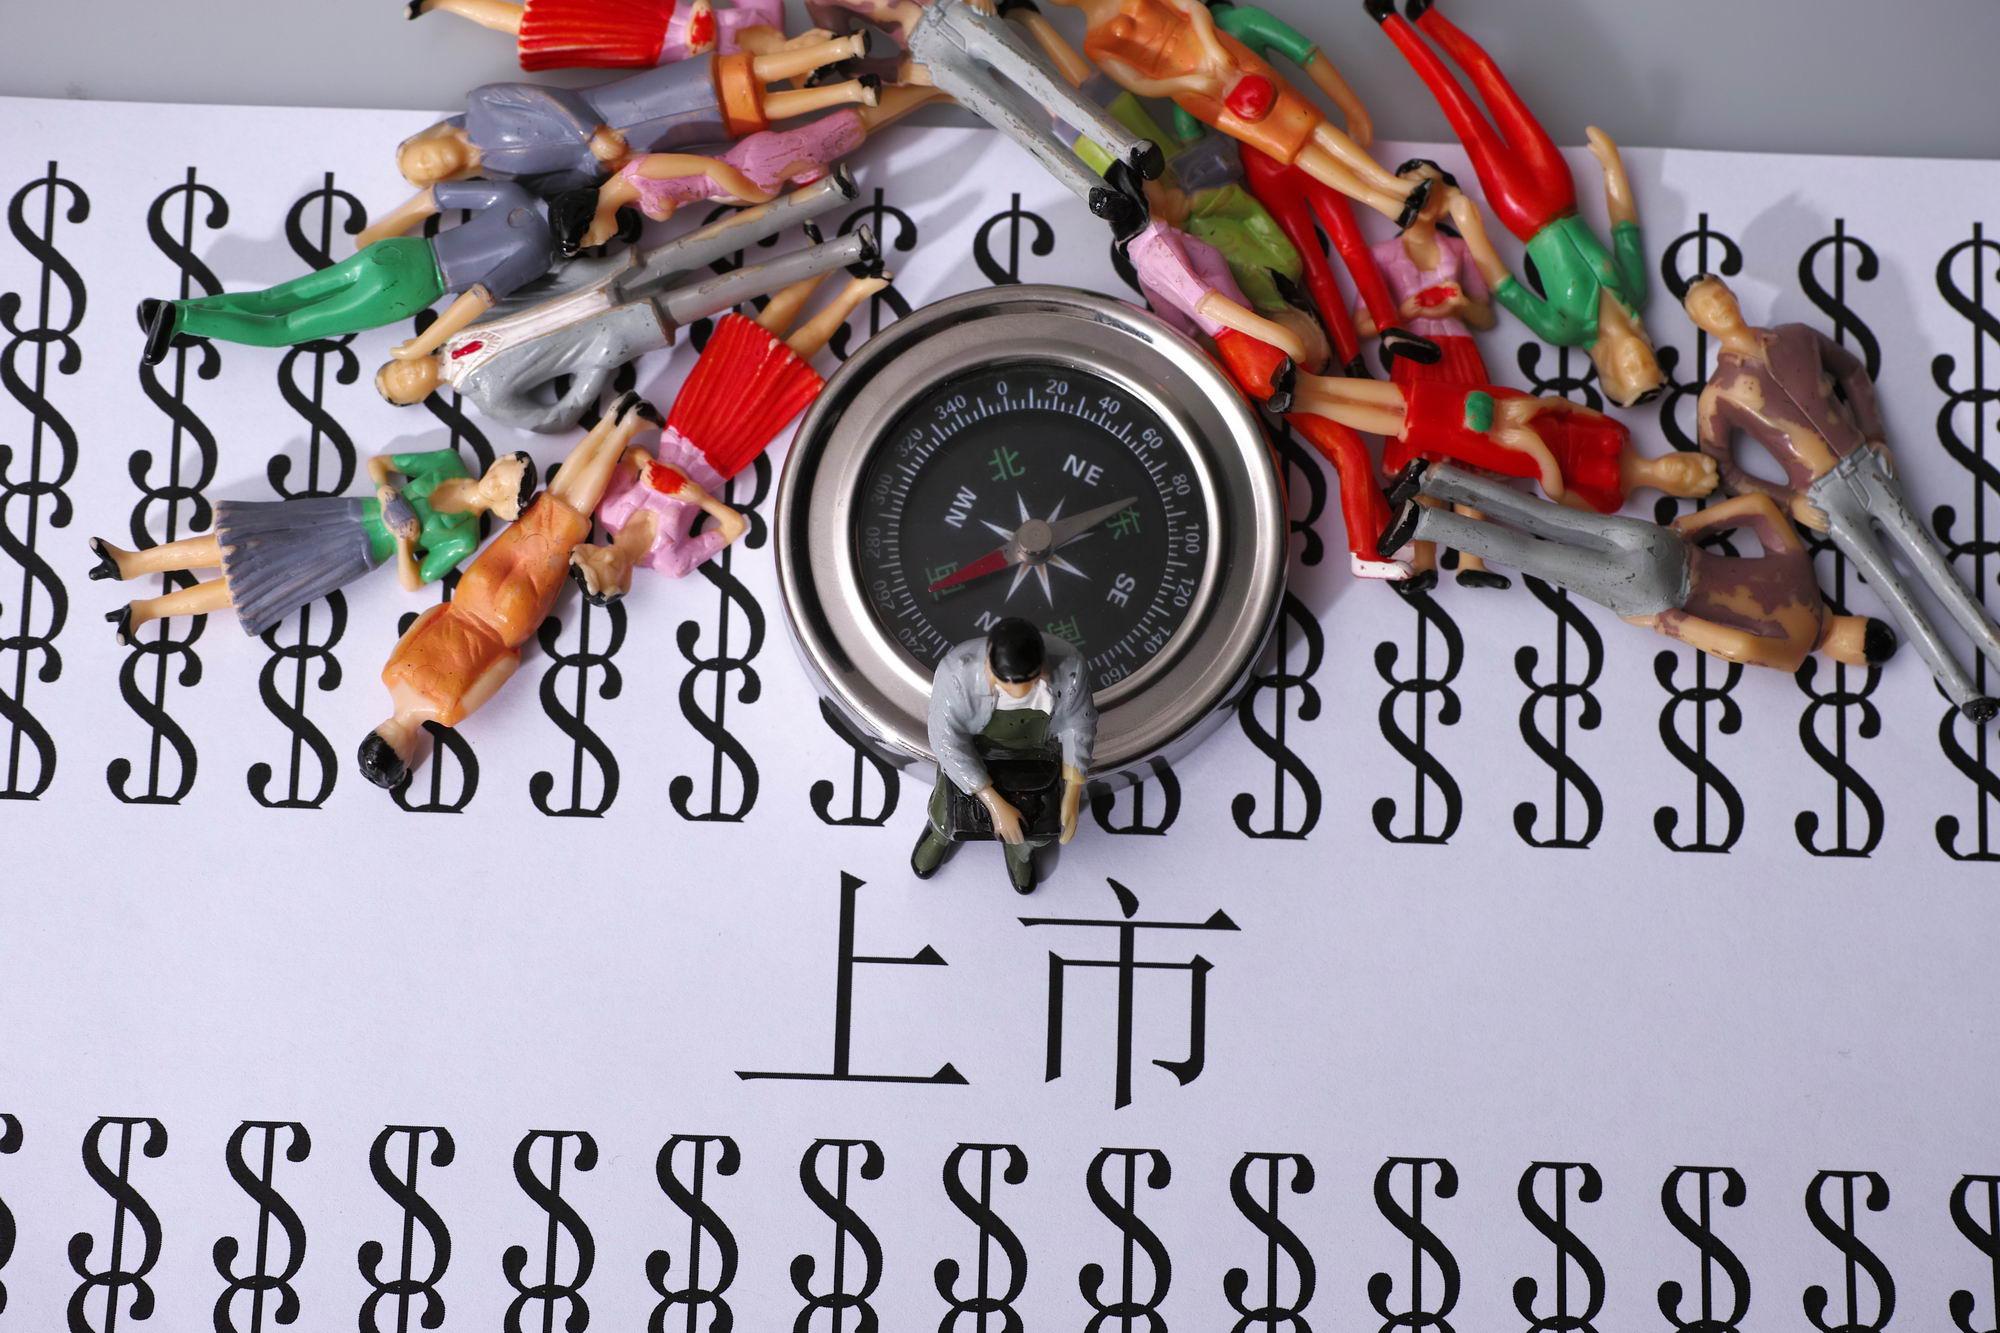 会员制社交电商悦商集团母公司在纳斯达克OTC板上市_零售_电商报